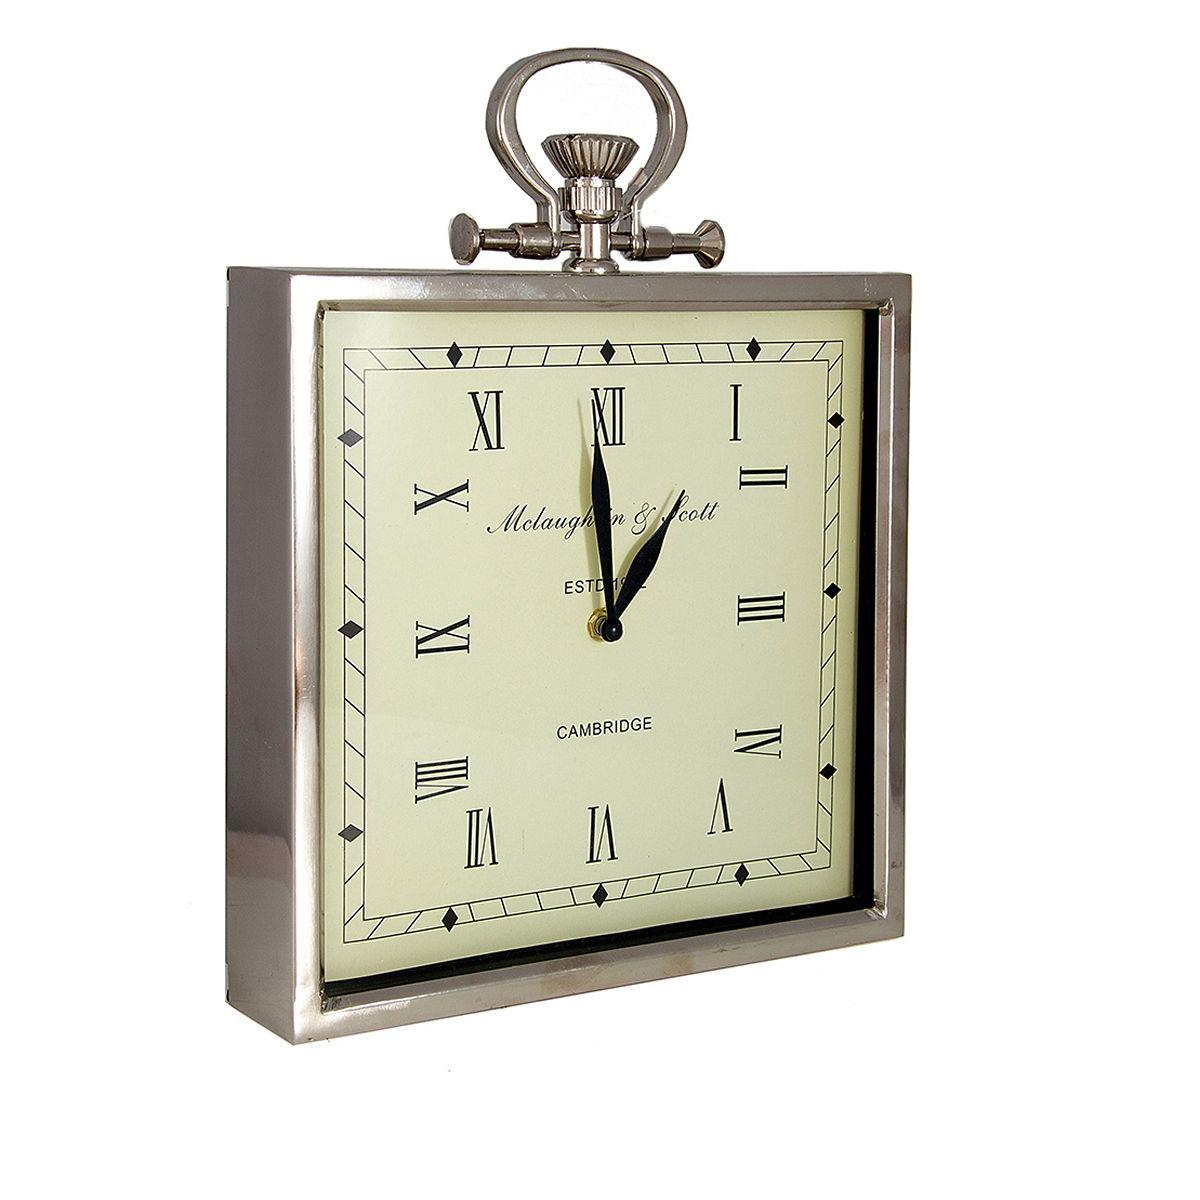 Часы настенные Русские Подарки Классика, 28 х 6 х 34 см. 60604СК011 2433Настенные кварцевые часы Русские Подарки Классика изготовлены из металла. Корпус выполнен в классическом стиле. Циферблат защищен стеклом. Часы имеют две стрелки - часовую и минутную. Имеется петелька для подвешивания на стену. Такие часы красиво и необычно оформят интерьер дома или офиса. Также часы могут стать уникальным, полезным подарком для родственников, коллег, знакомых и близких.Часы работают от батареек типа АА (в комплект не входят).